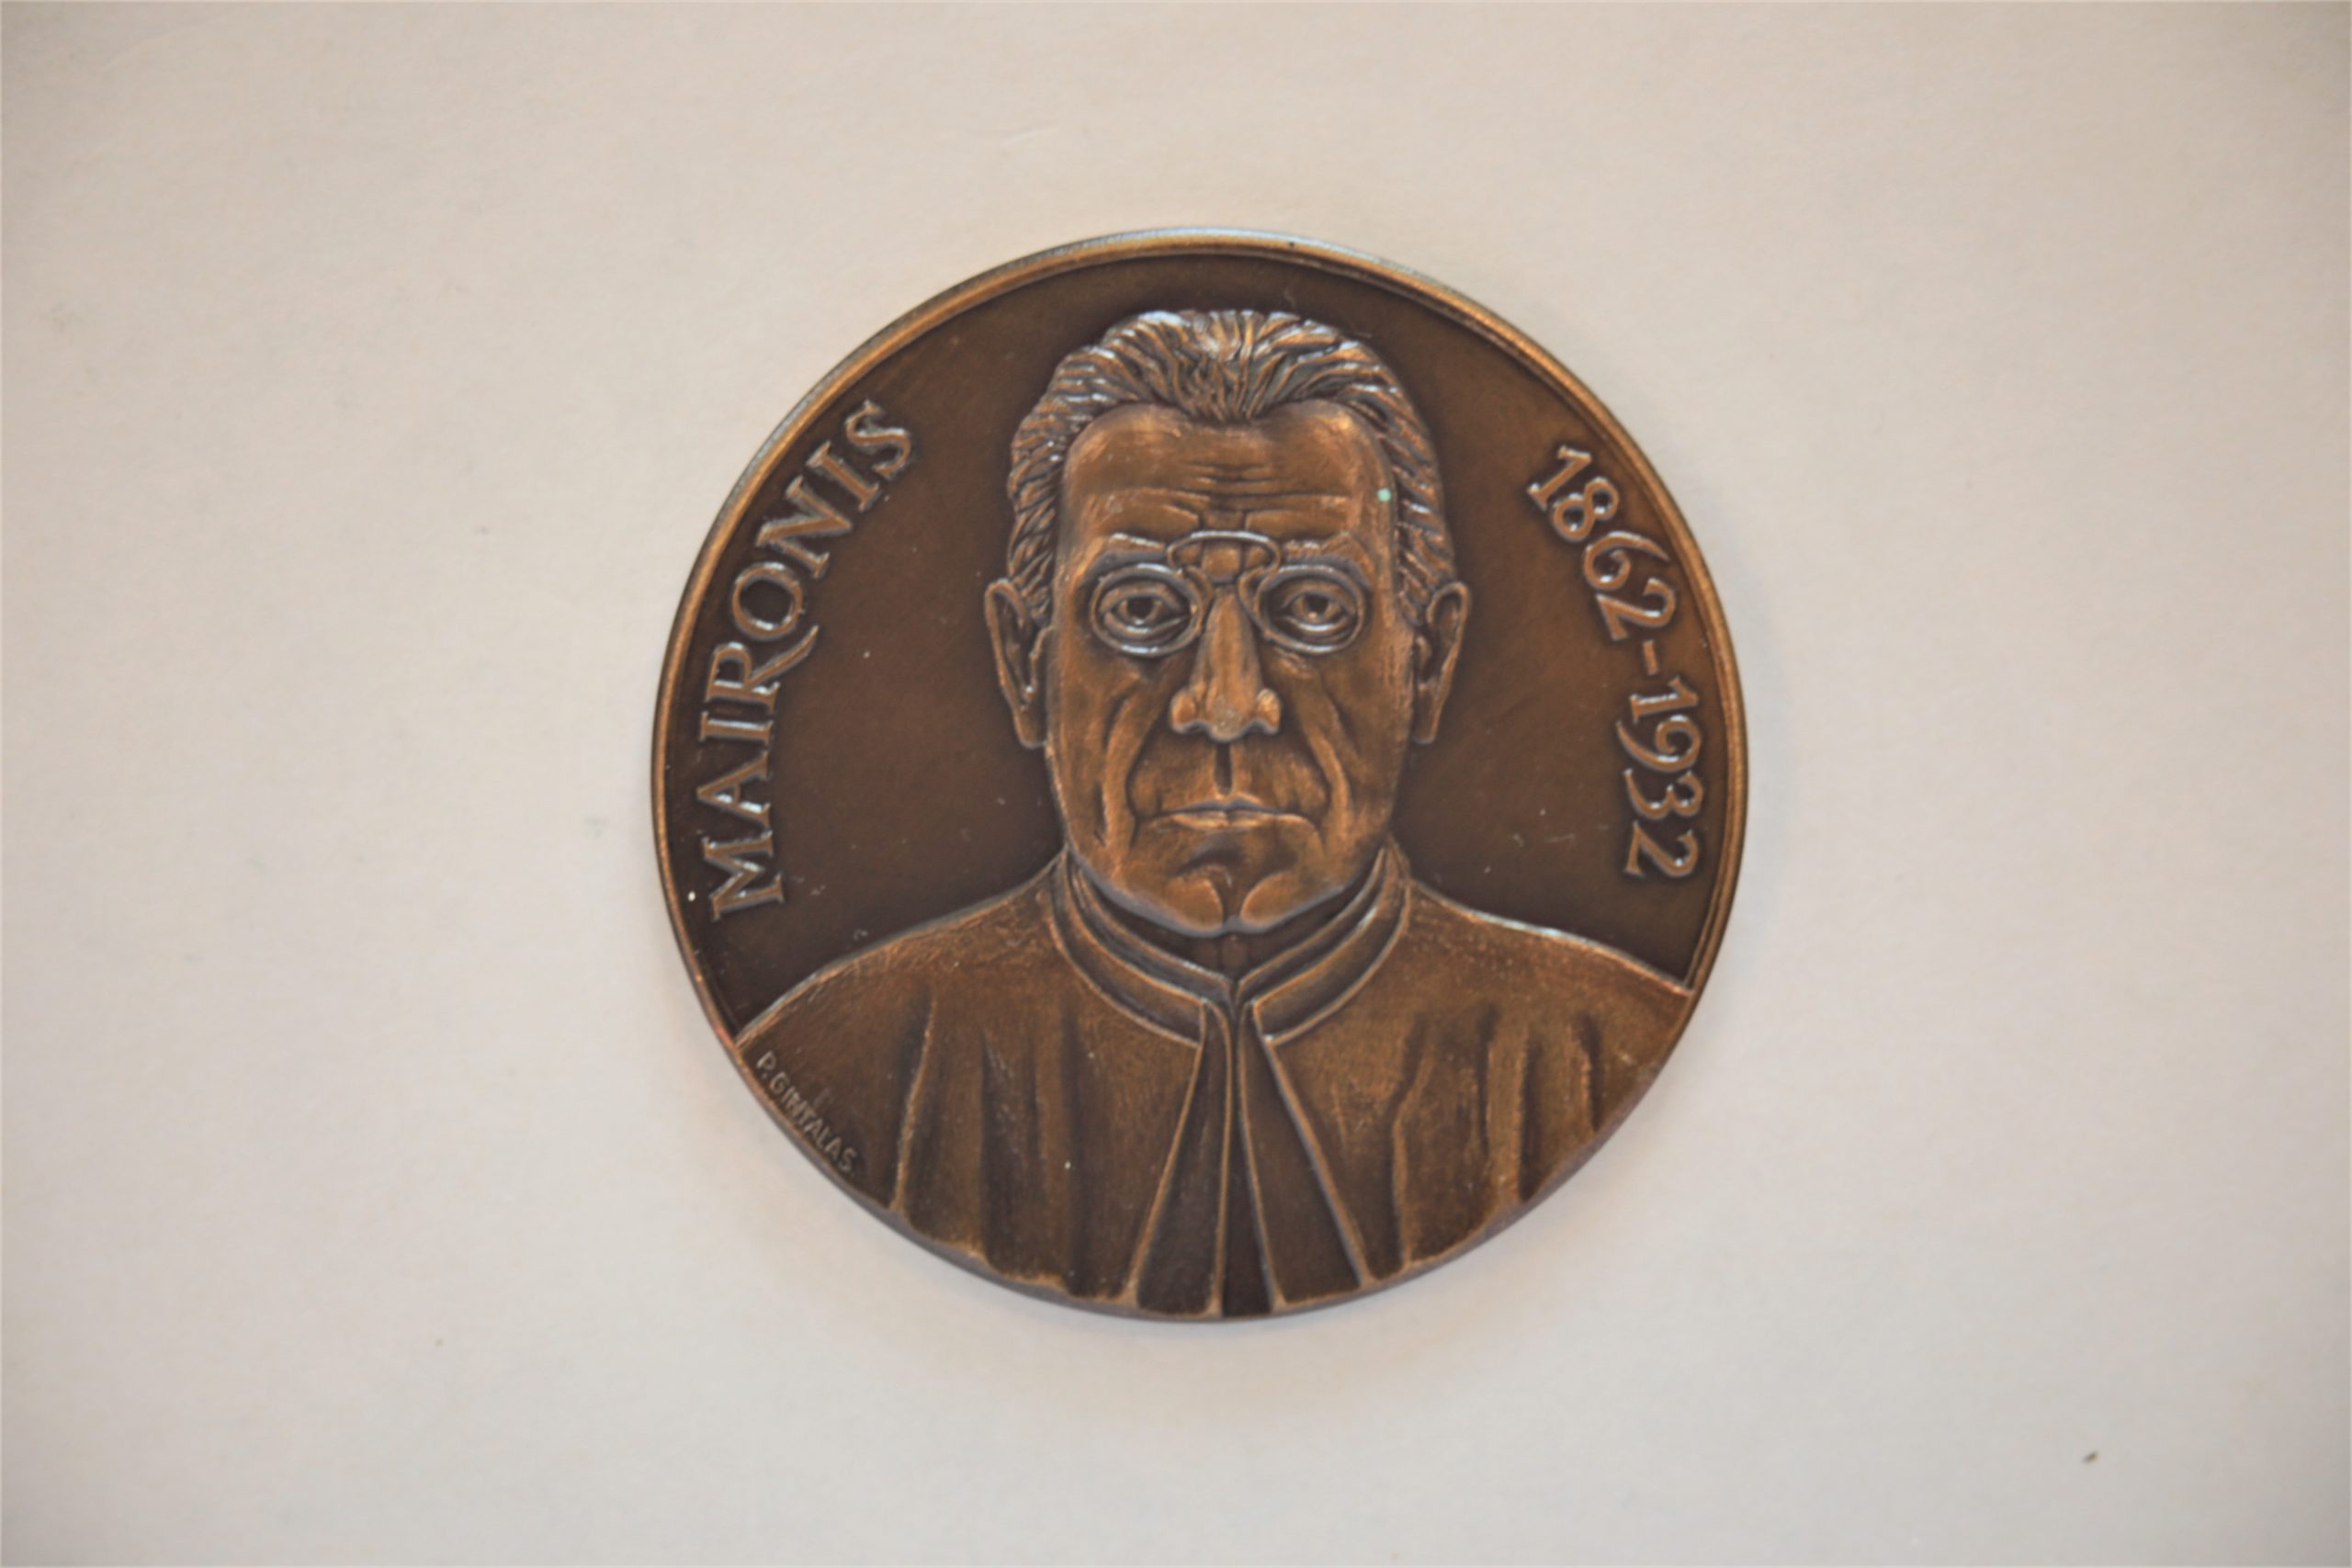 Medalis. Maironis. Aversas. Metalas. Dail. P. Gintalas